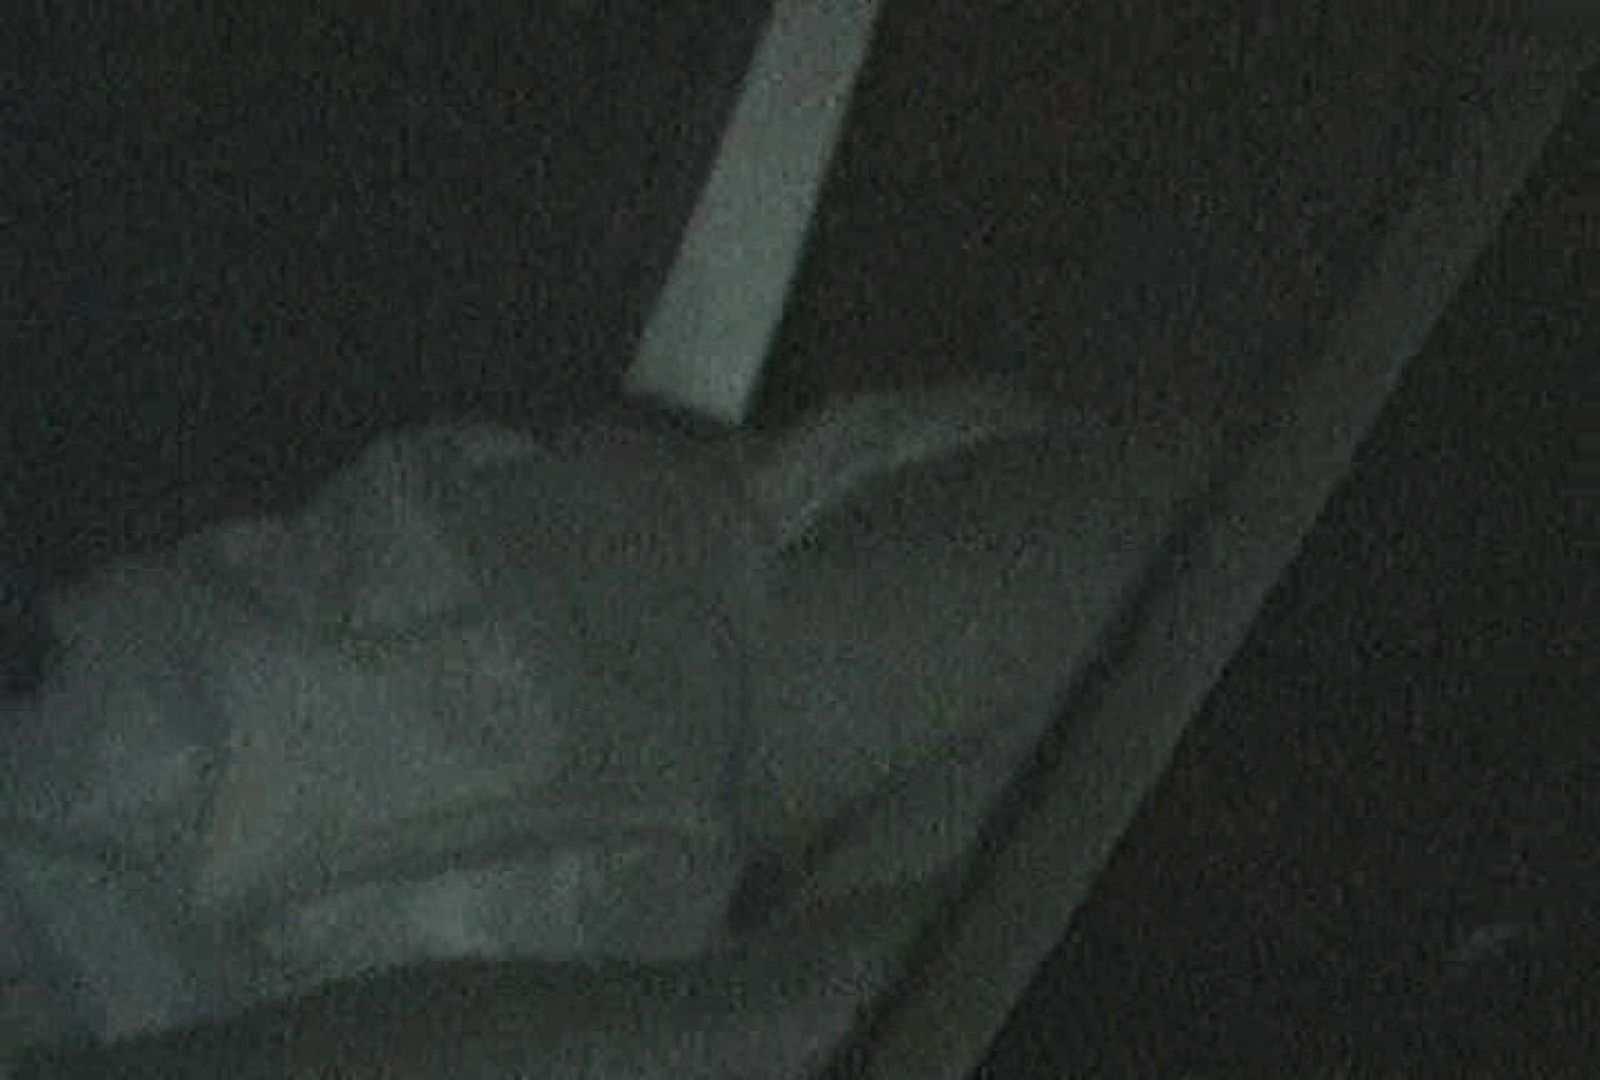 充血監督の深夜の運動会Vol.72 ギャル | OLヌード天国  108PIX 75